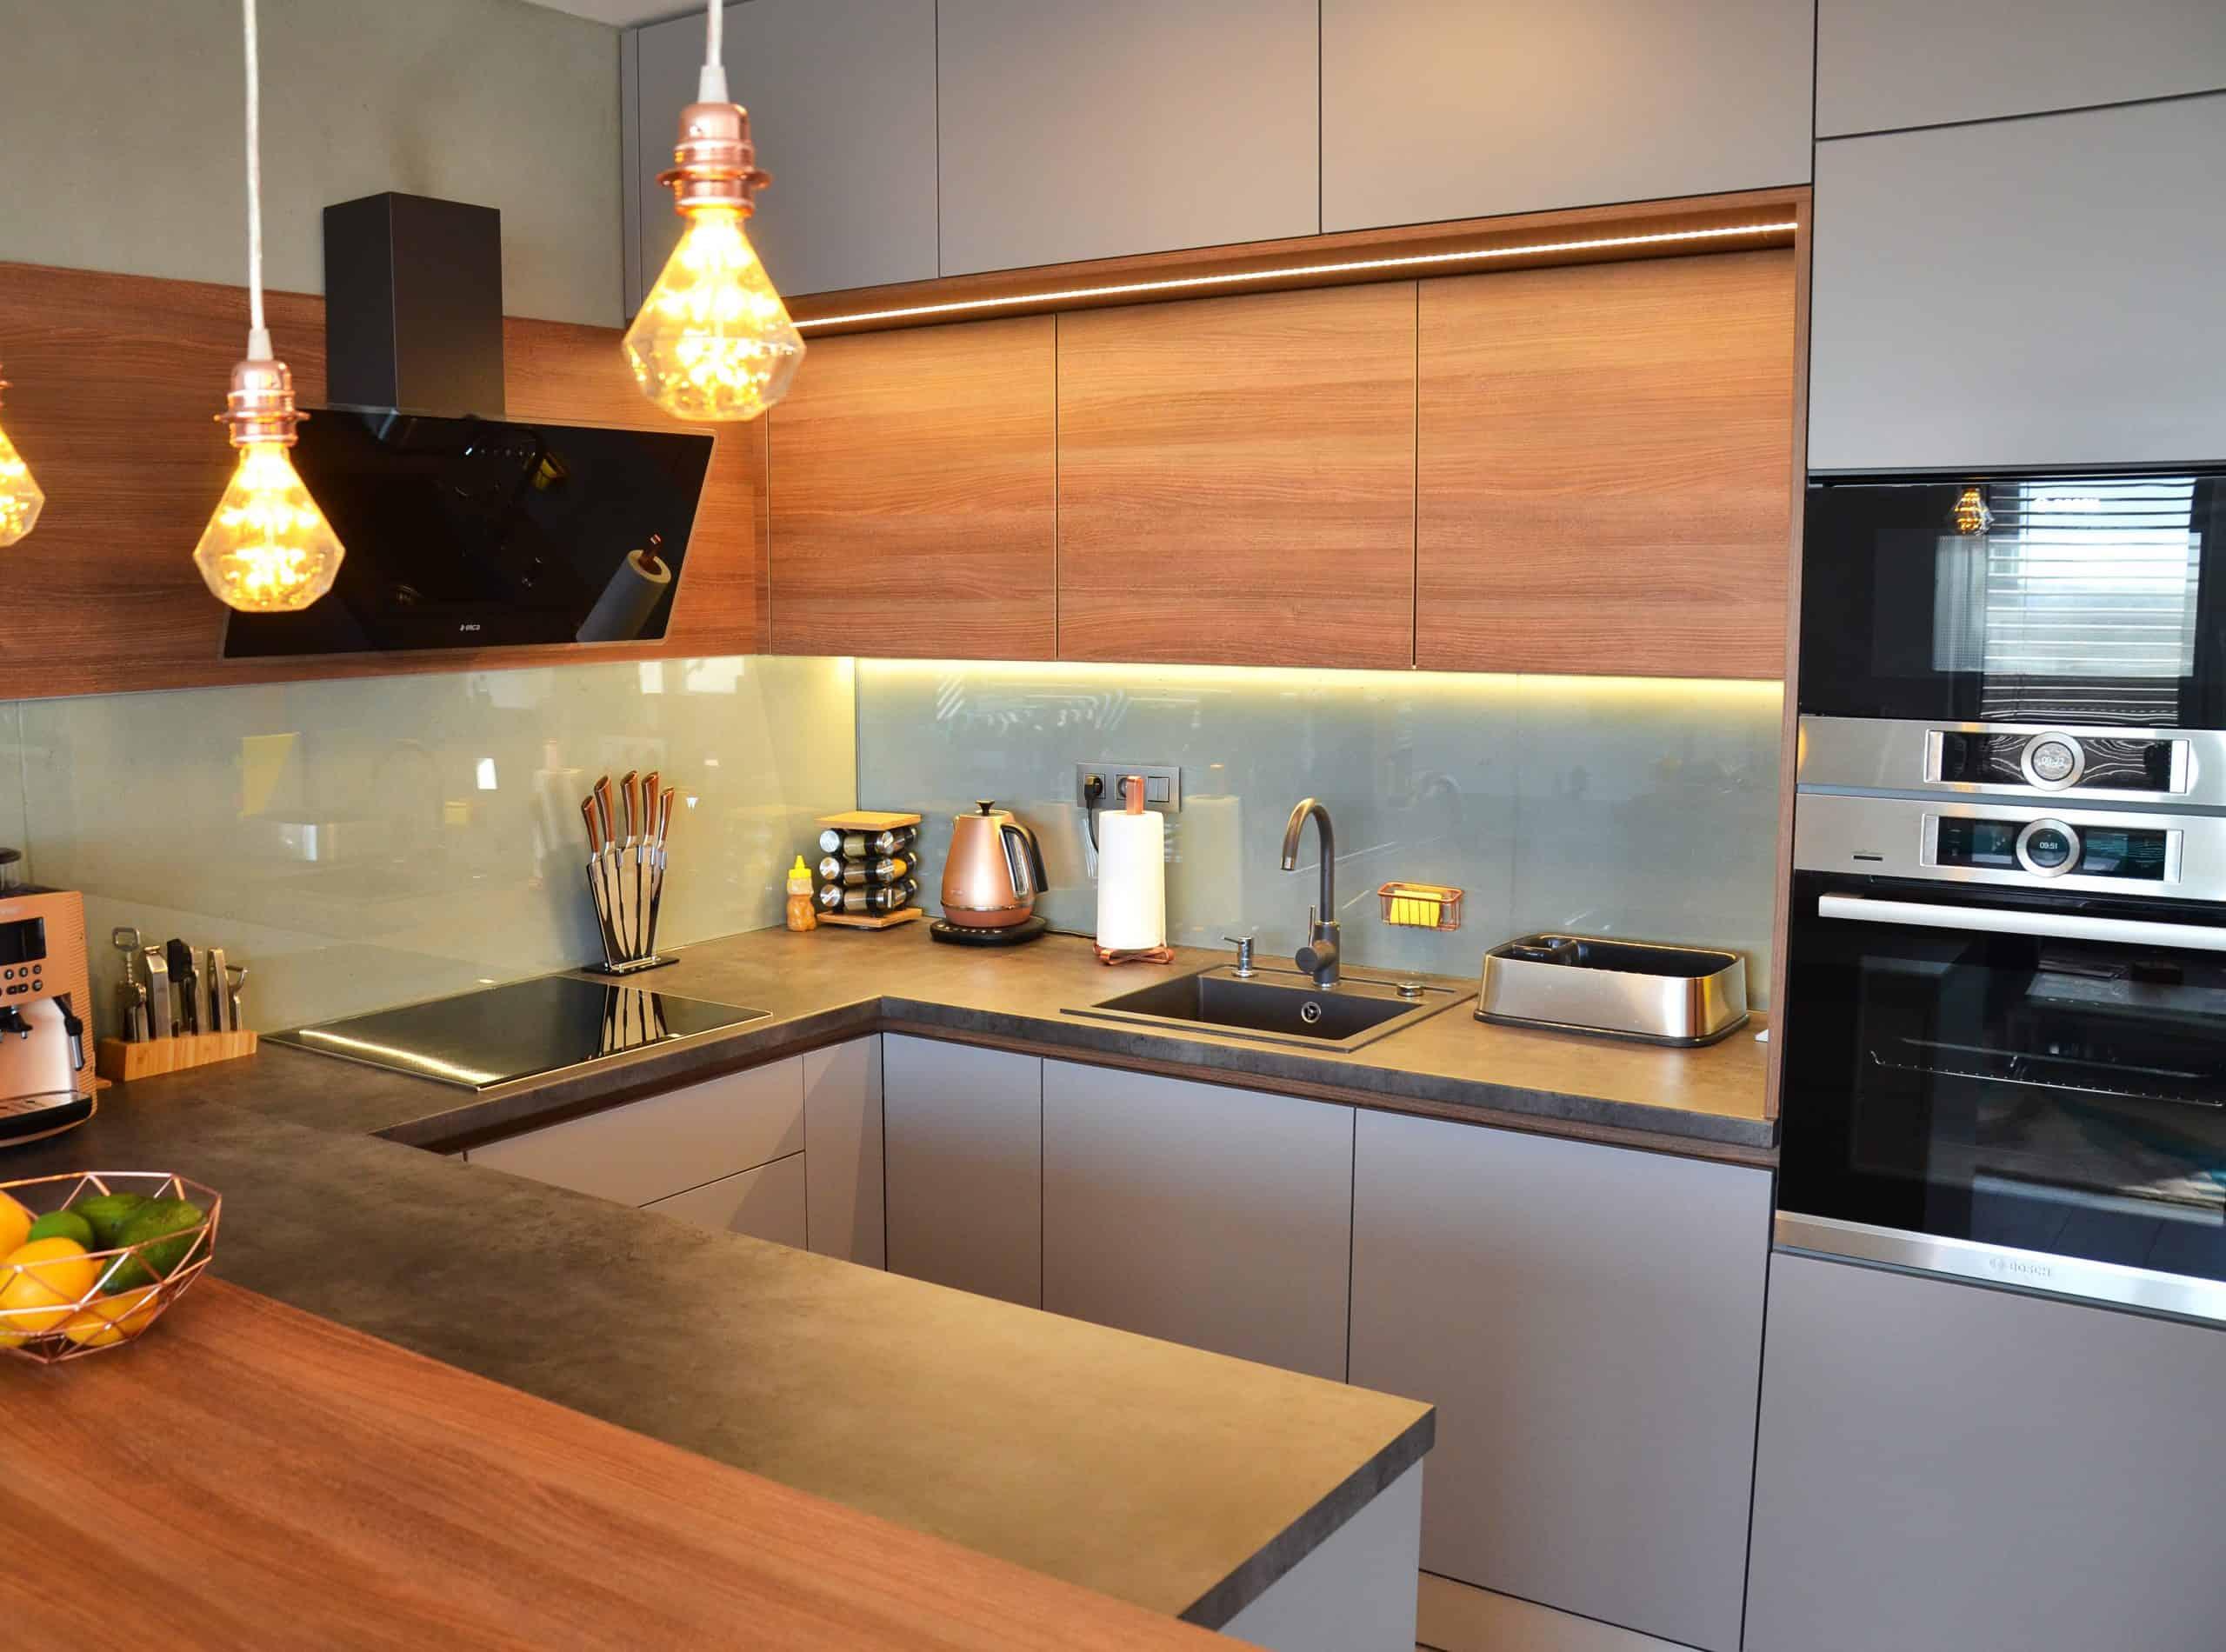 Kuchyne Na Mieru Bratislava Raca Hneda Beton Med Sklo (10)